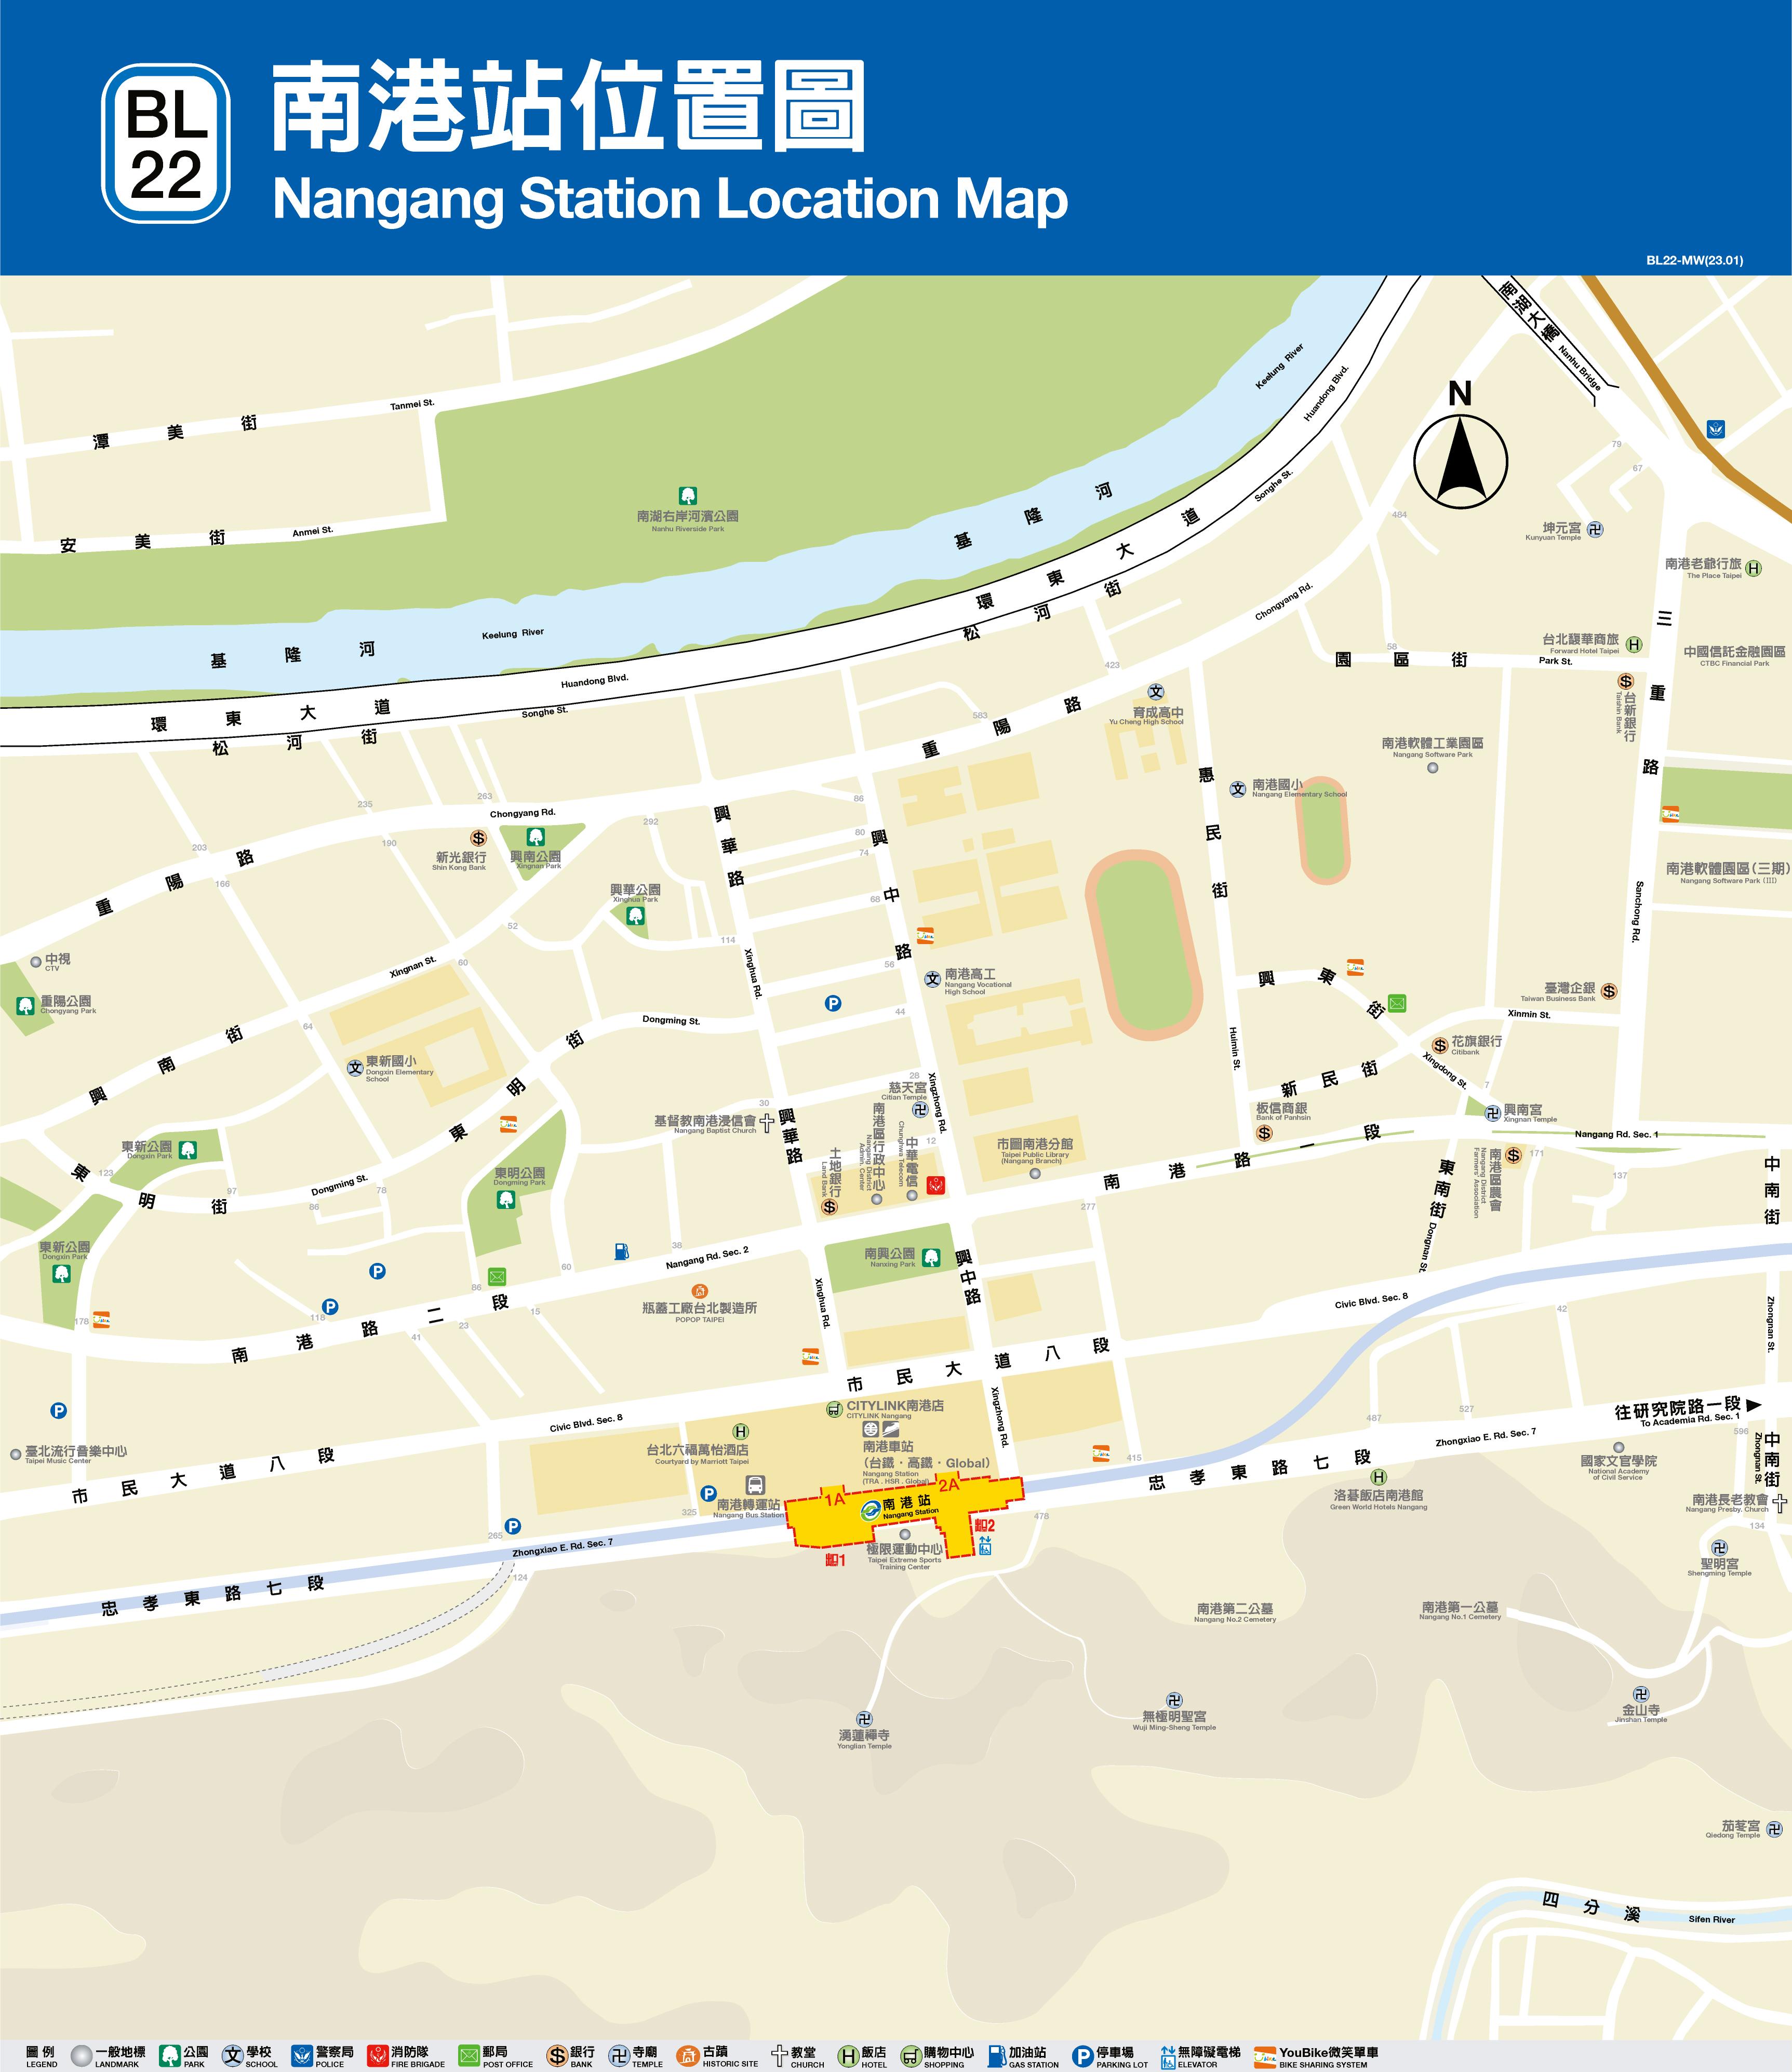 [混合] 板橋新埔→臺北市南港區重陽路263巷2號 - 看板 Map-Guide - 批踢踢實業坊